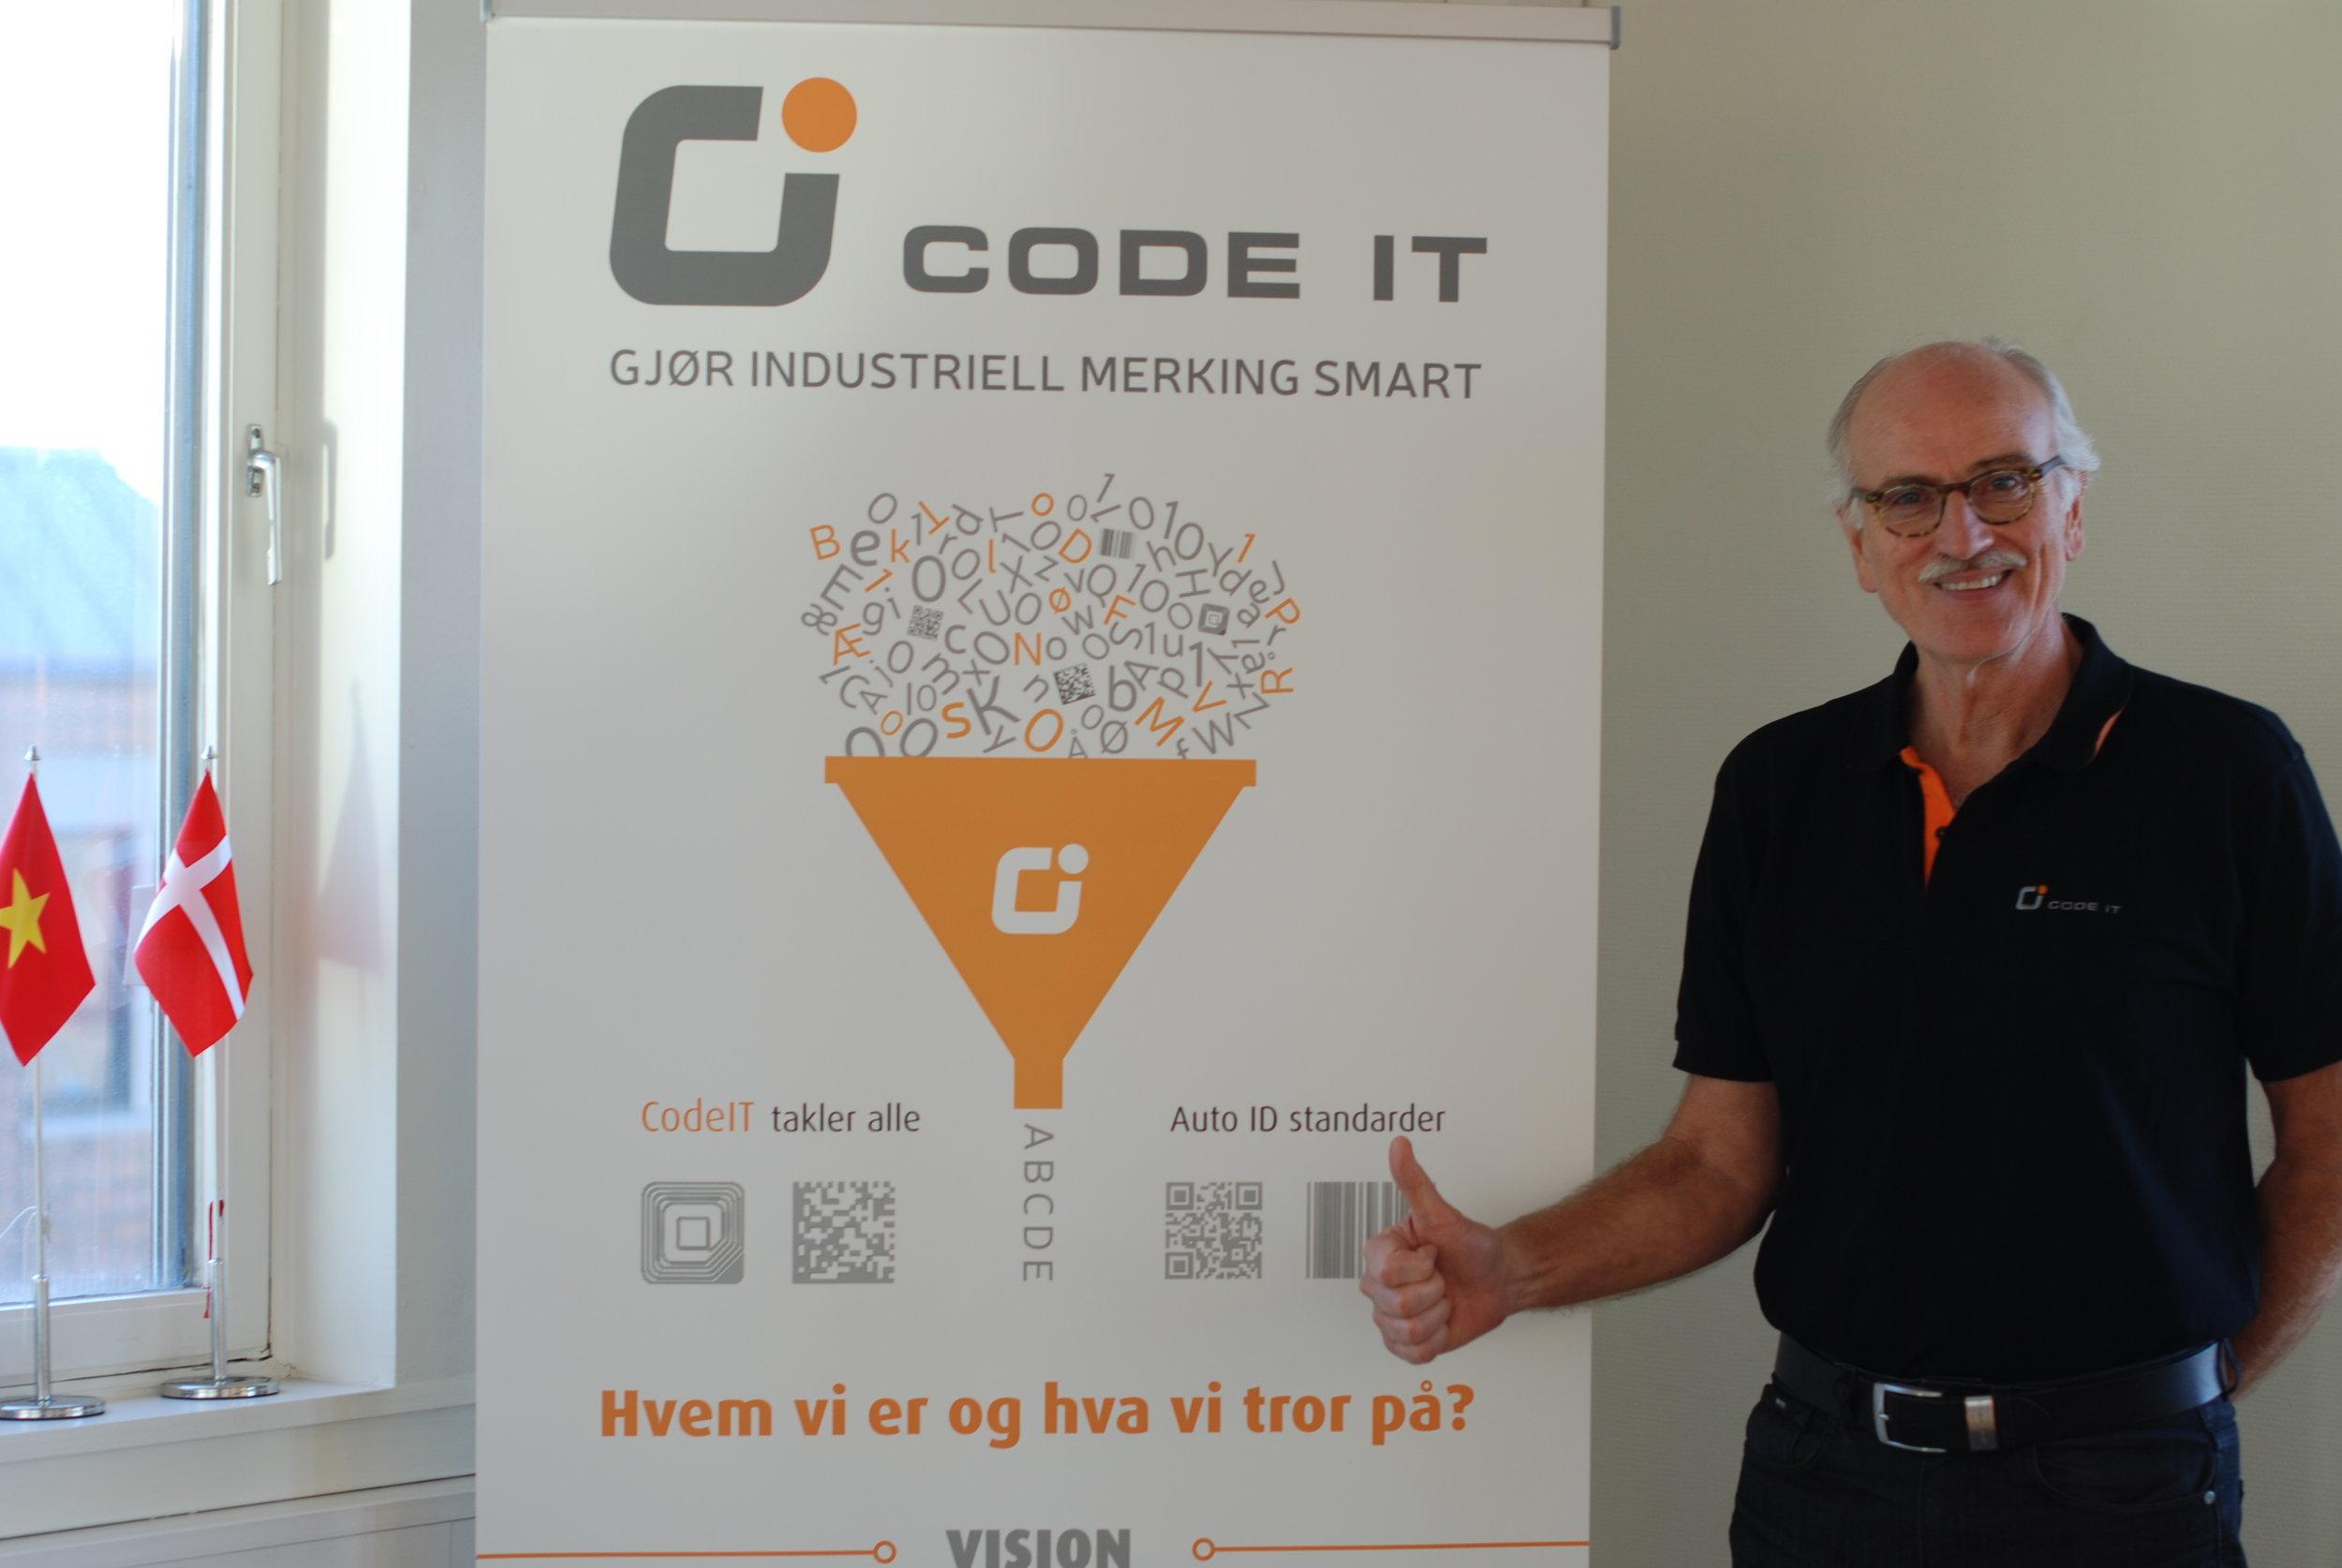 Daglig leder i CodeIT, Bjørnar Torsnes ledet utviklingen av løsninger for industriell merking og sporing. (Foto: Marit Letnes)